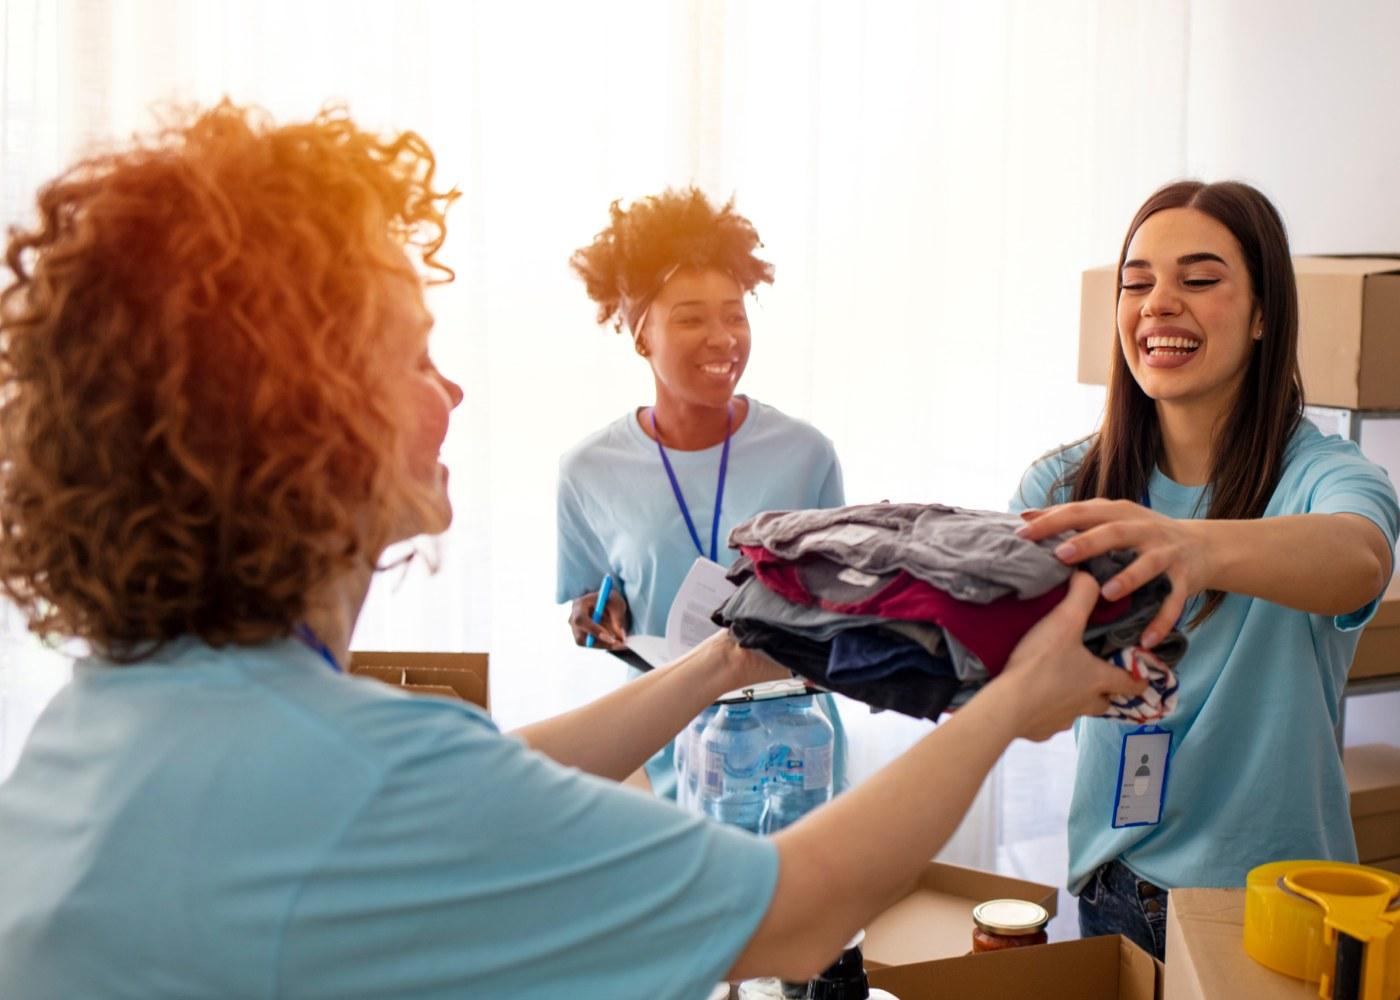 trabalhadoras de IPSS a recolher roupa